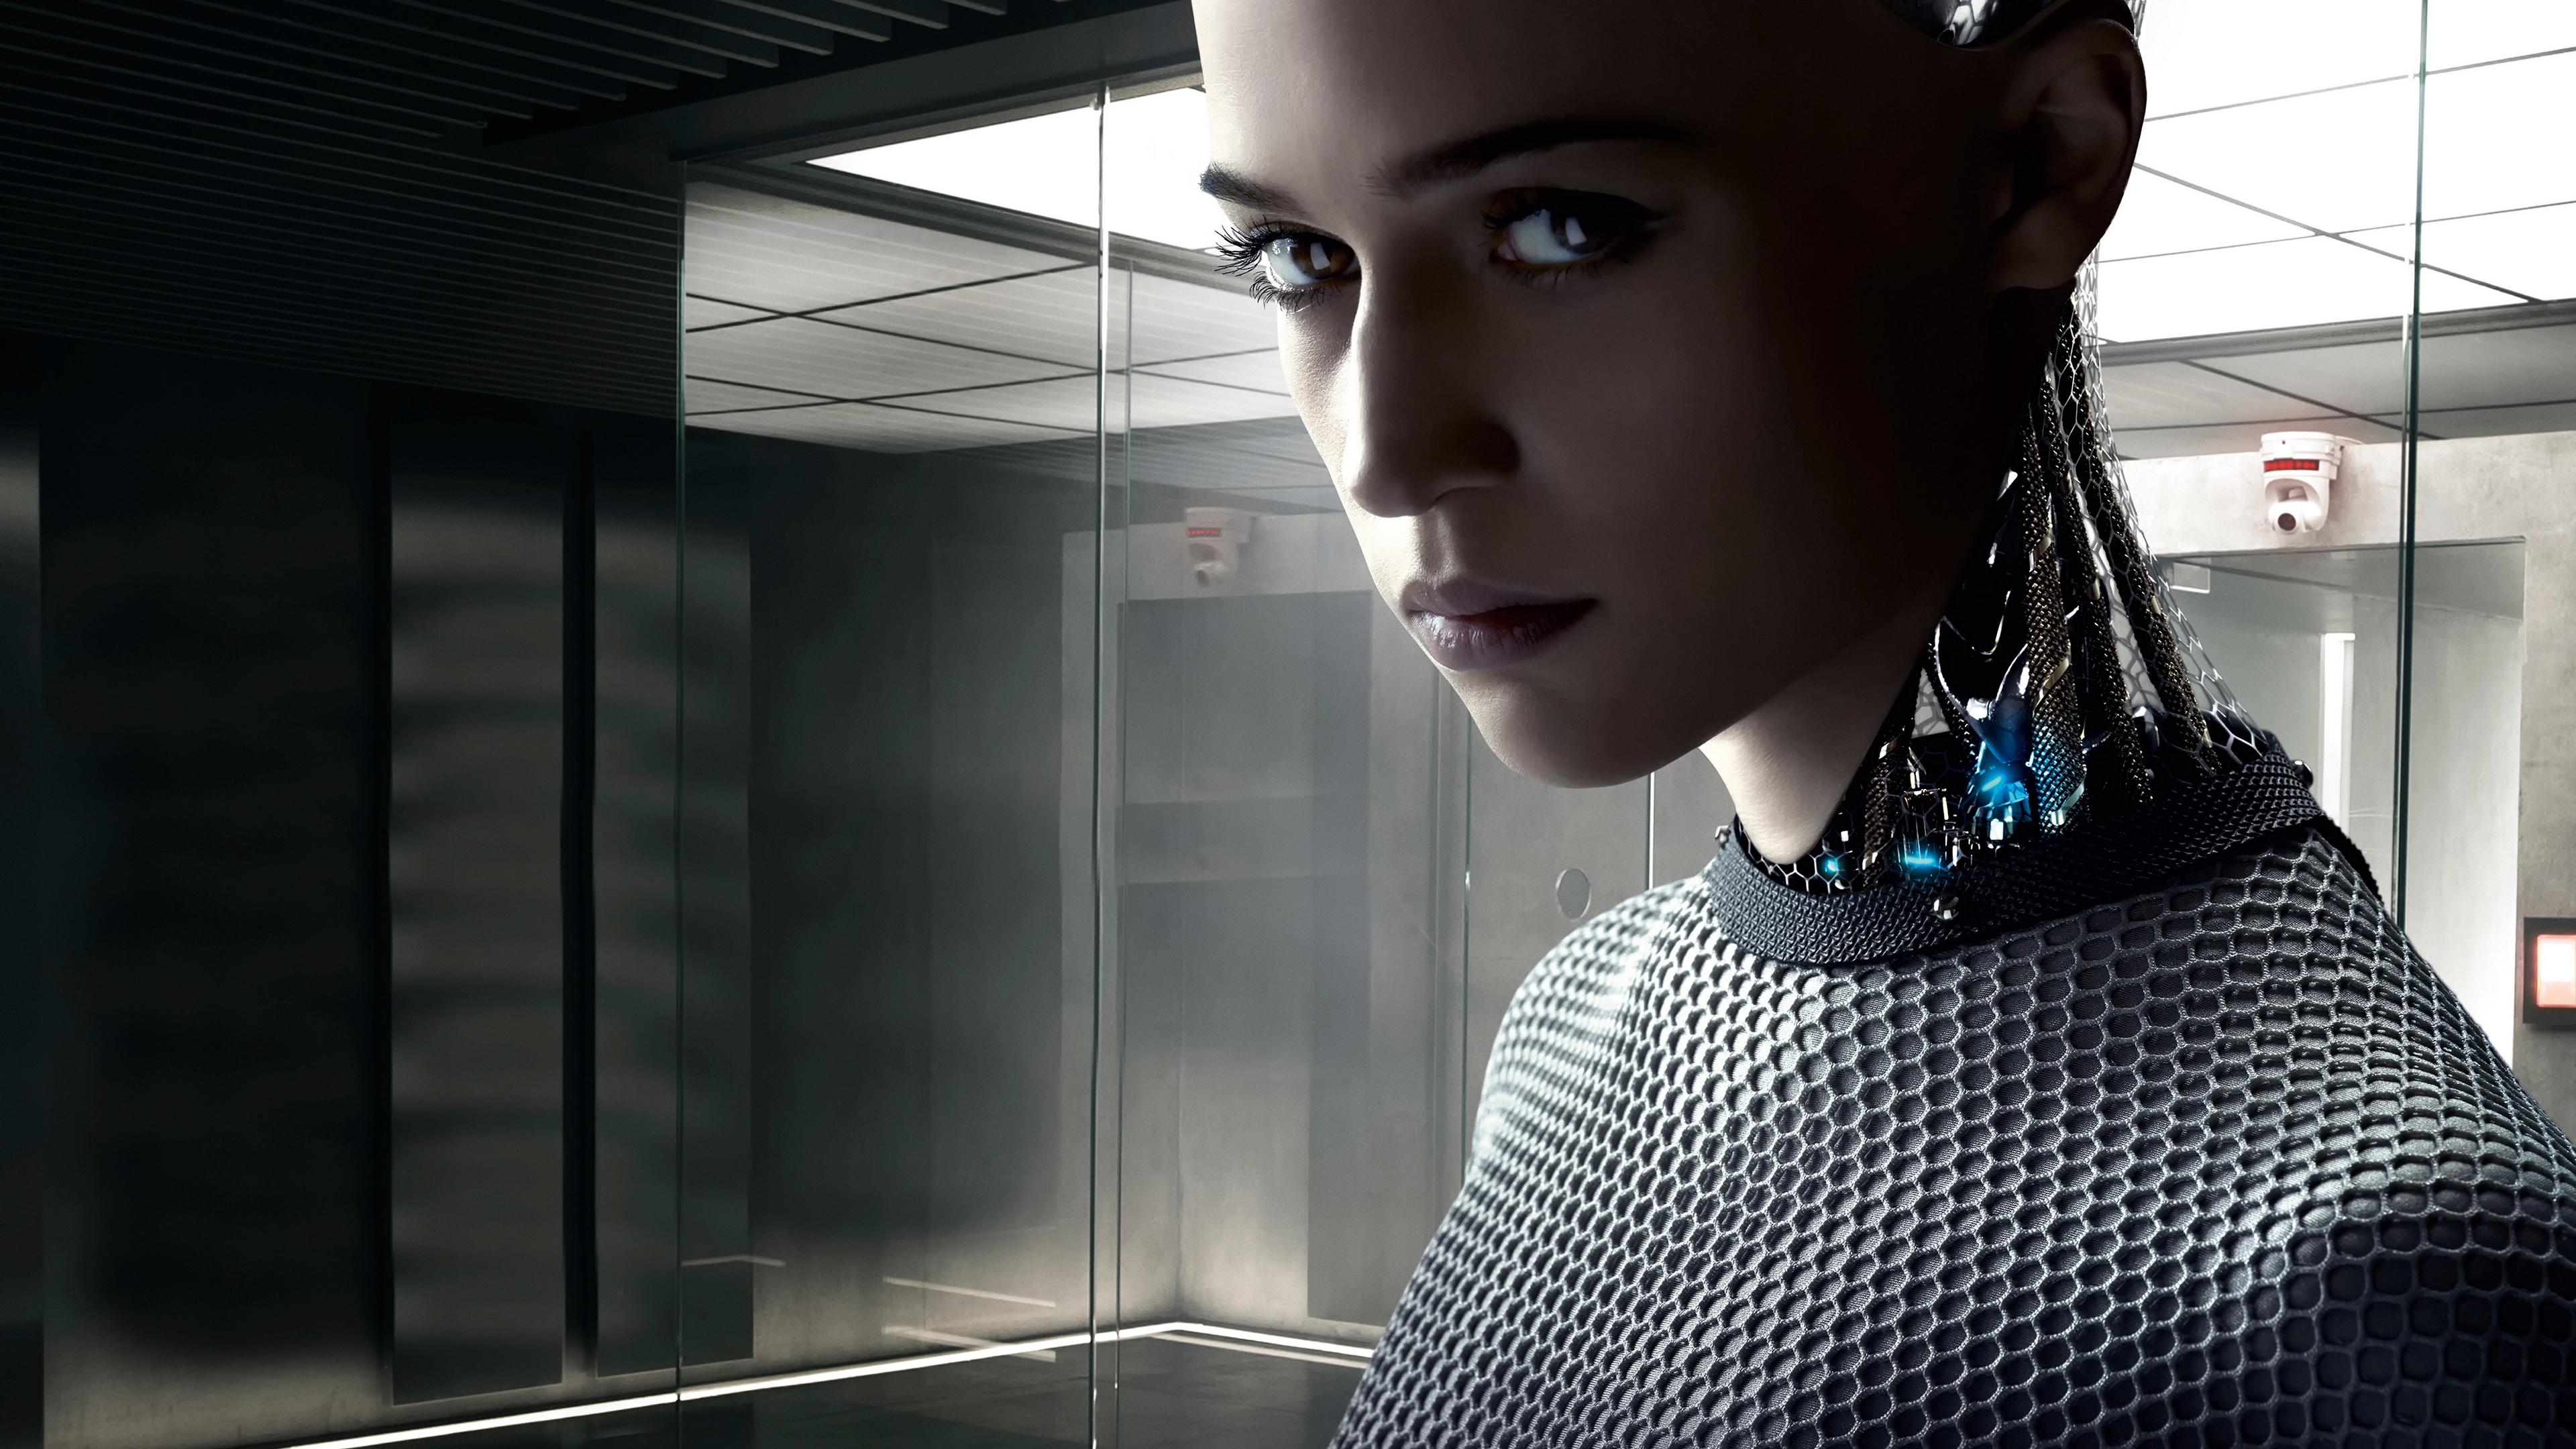 ex machina donal gleeson robot 2015 4k 1539368179 - ex machina, donal gleeson, robot, 2015 4k - Robot, ex machina, donal gleeson